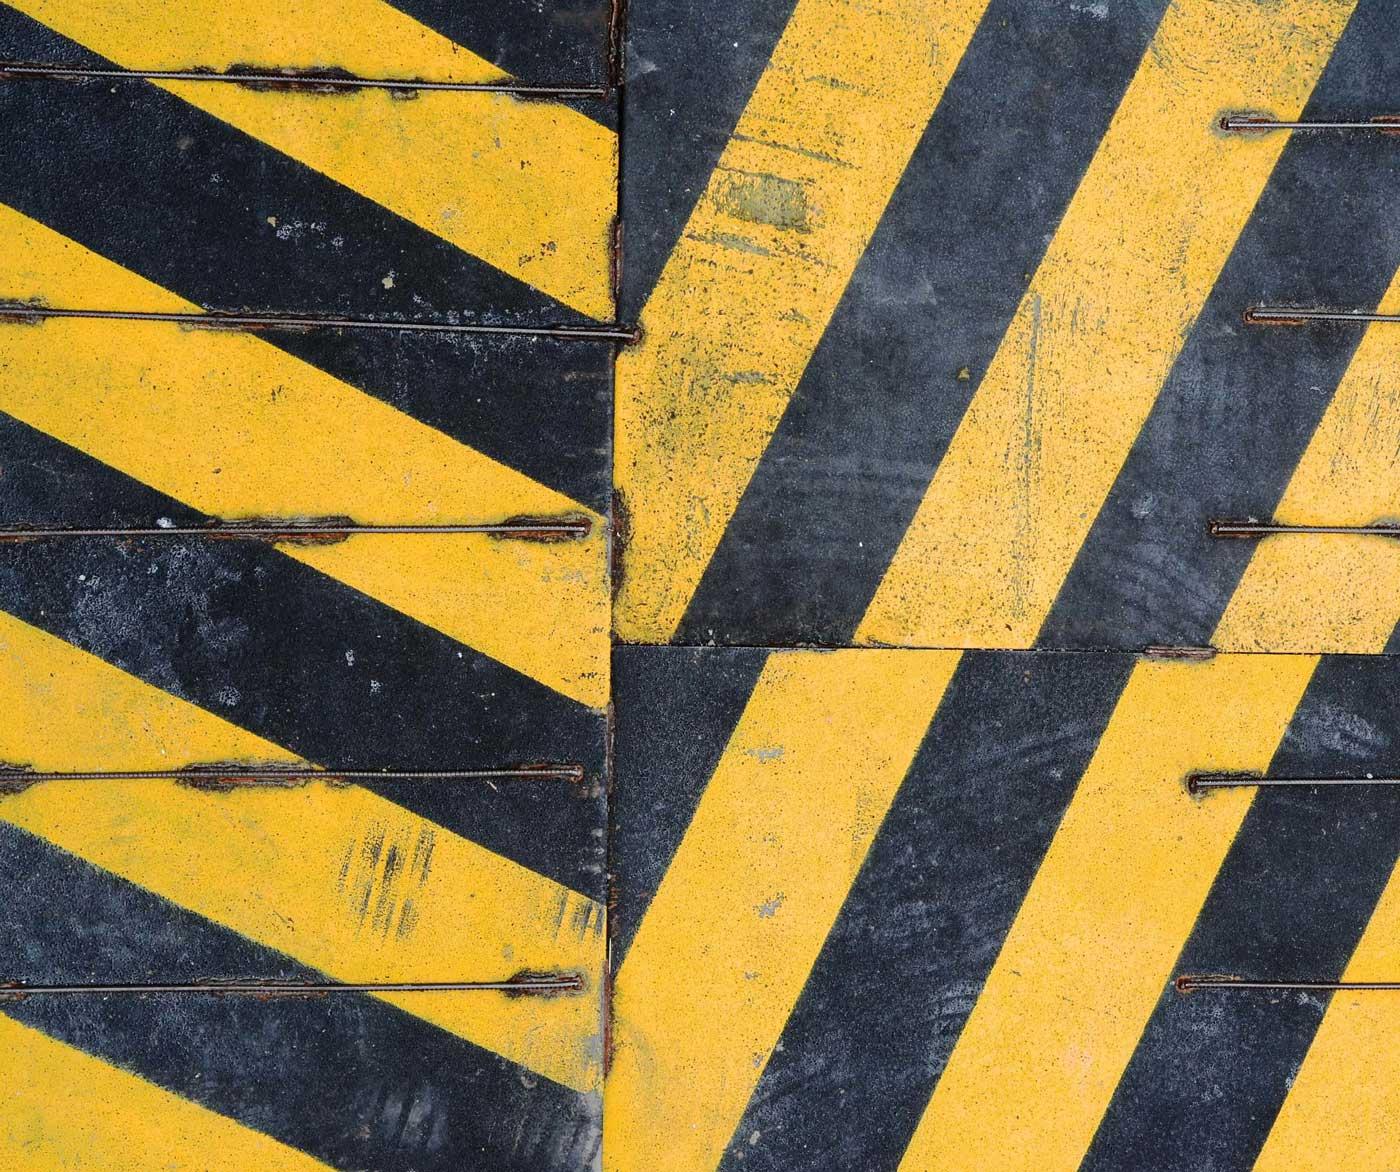 Hazardous Area Maintenance